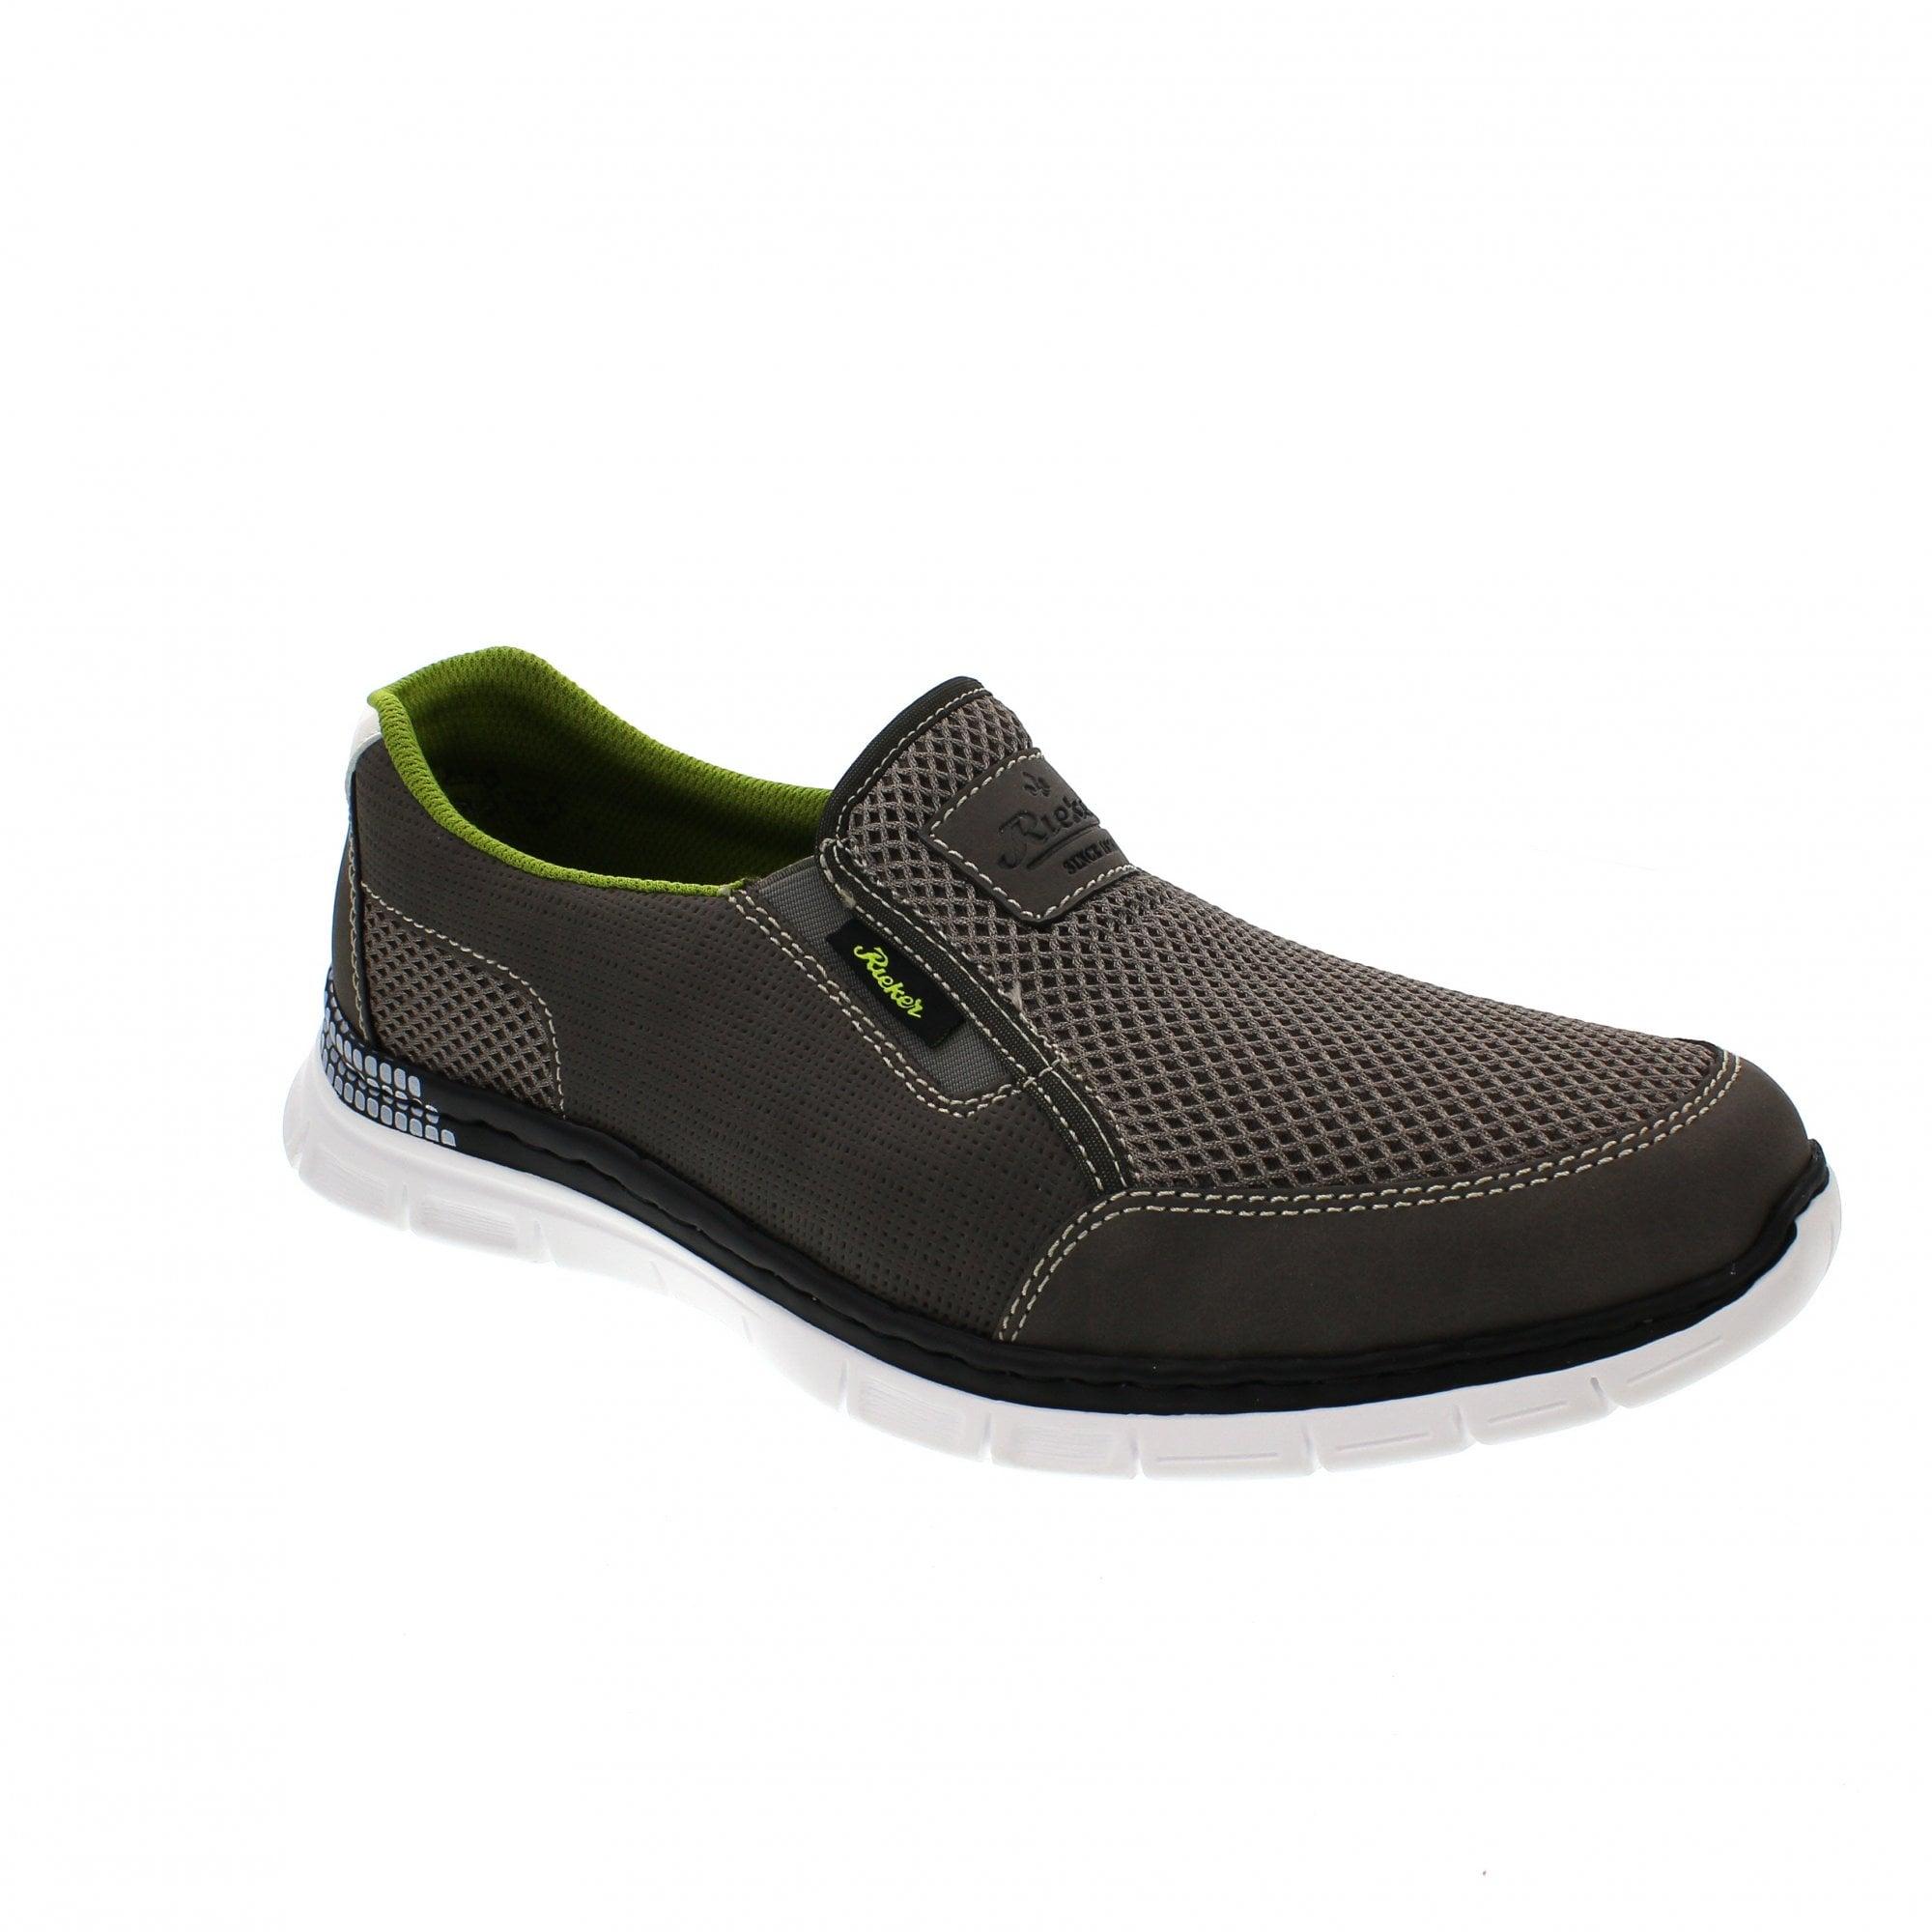 sports shoes 5c037 d7330 B4870-44